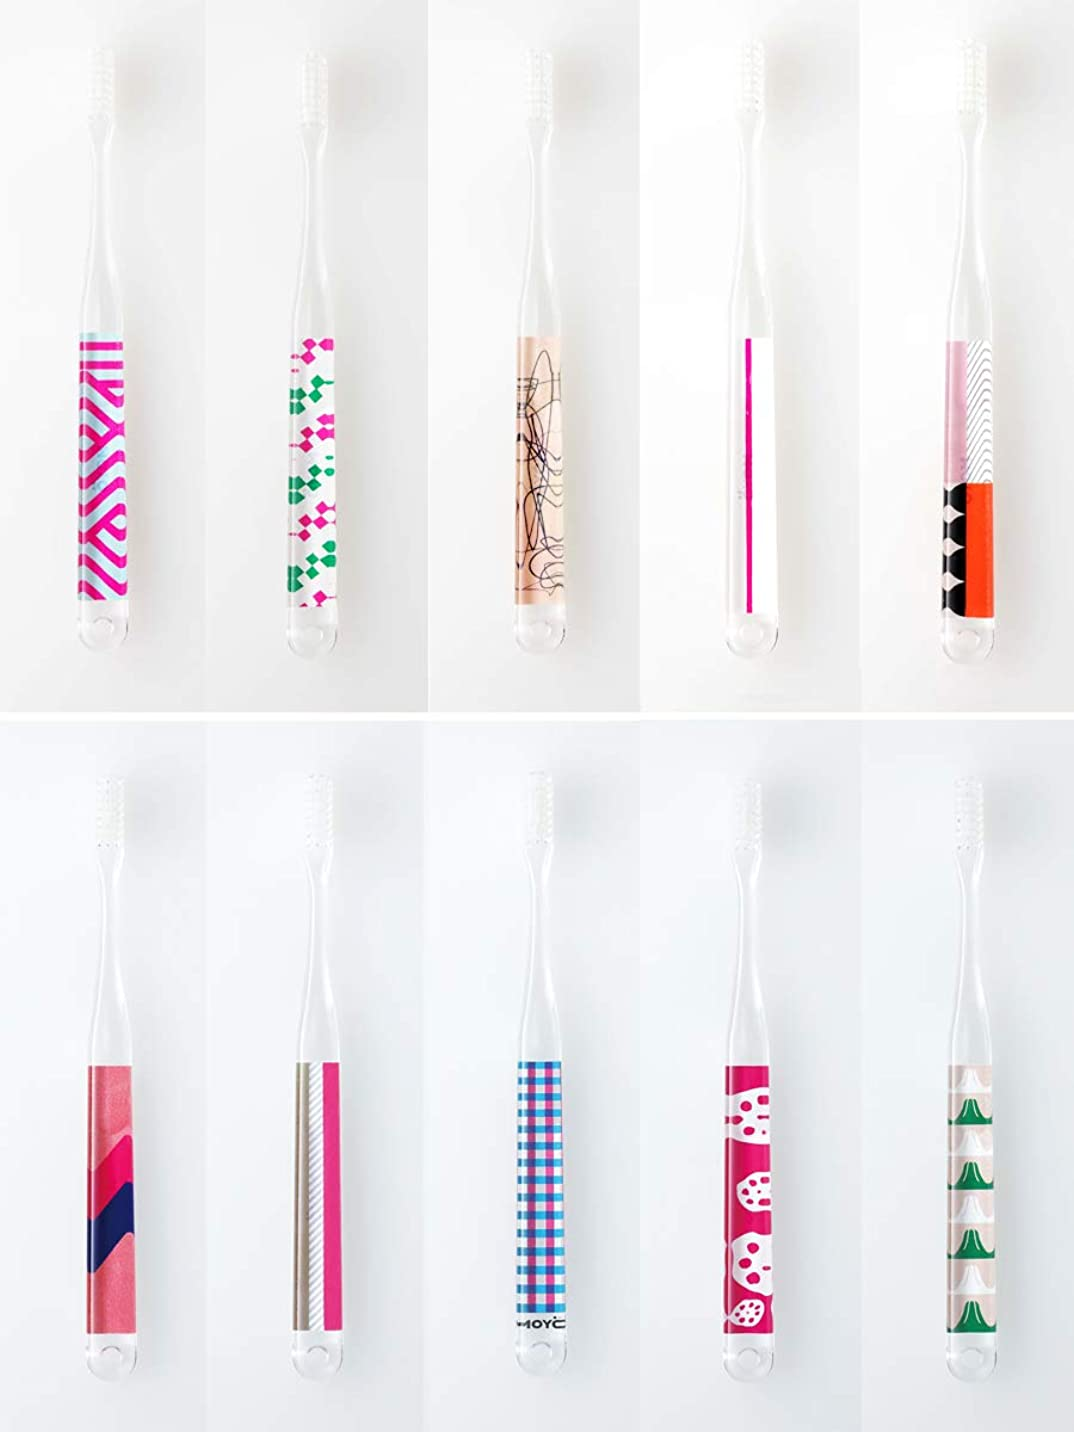 地下鉄寝室ふけるMOYO モヨウ 歯ブラシ Pink 10本セット_562302-pink 【F】,Pink10本セット ハブラシ